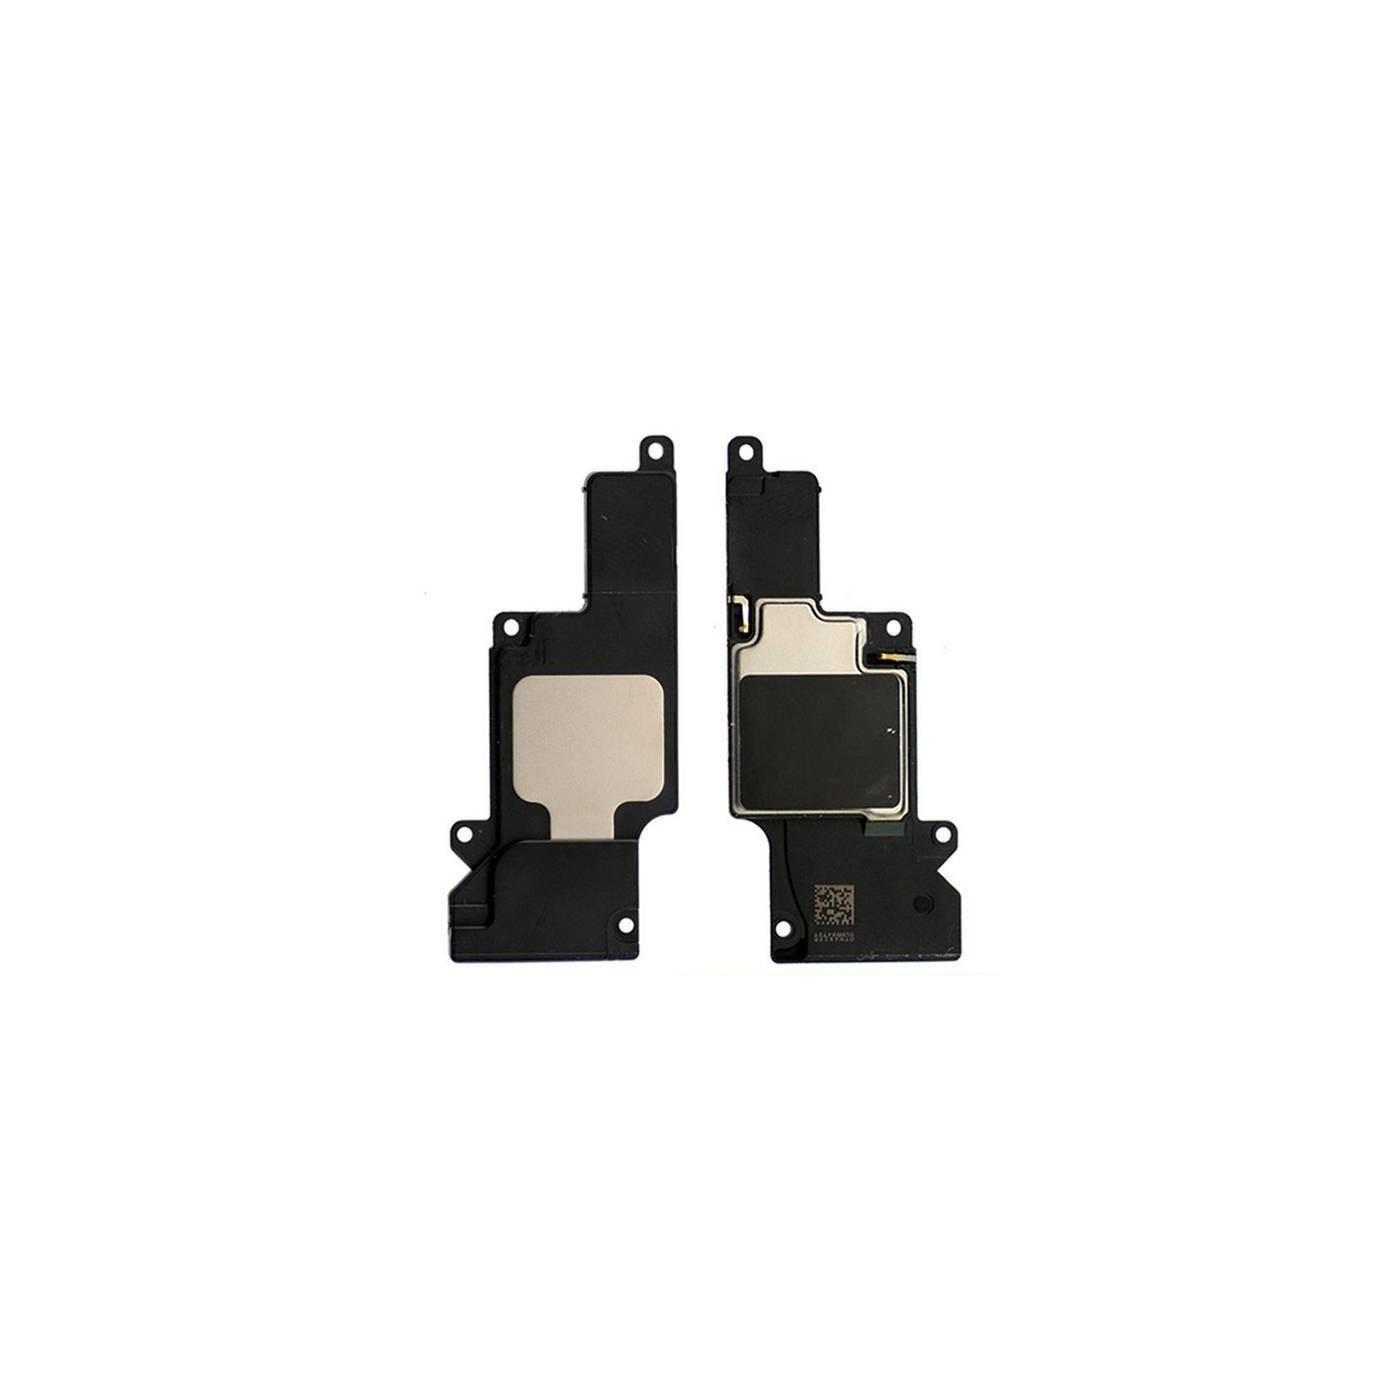 Haut-parleur inférieur pour haut-parleurs de remplacement de haut-parleur pour iphone 6 Plus Loud